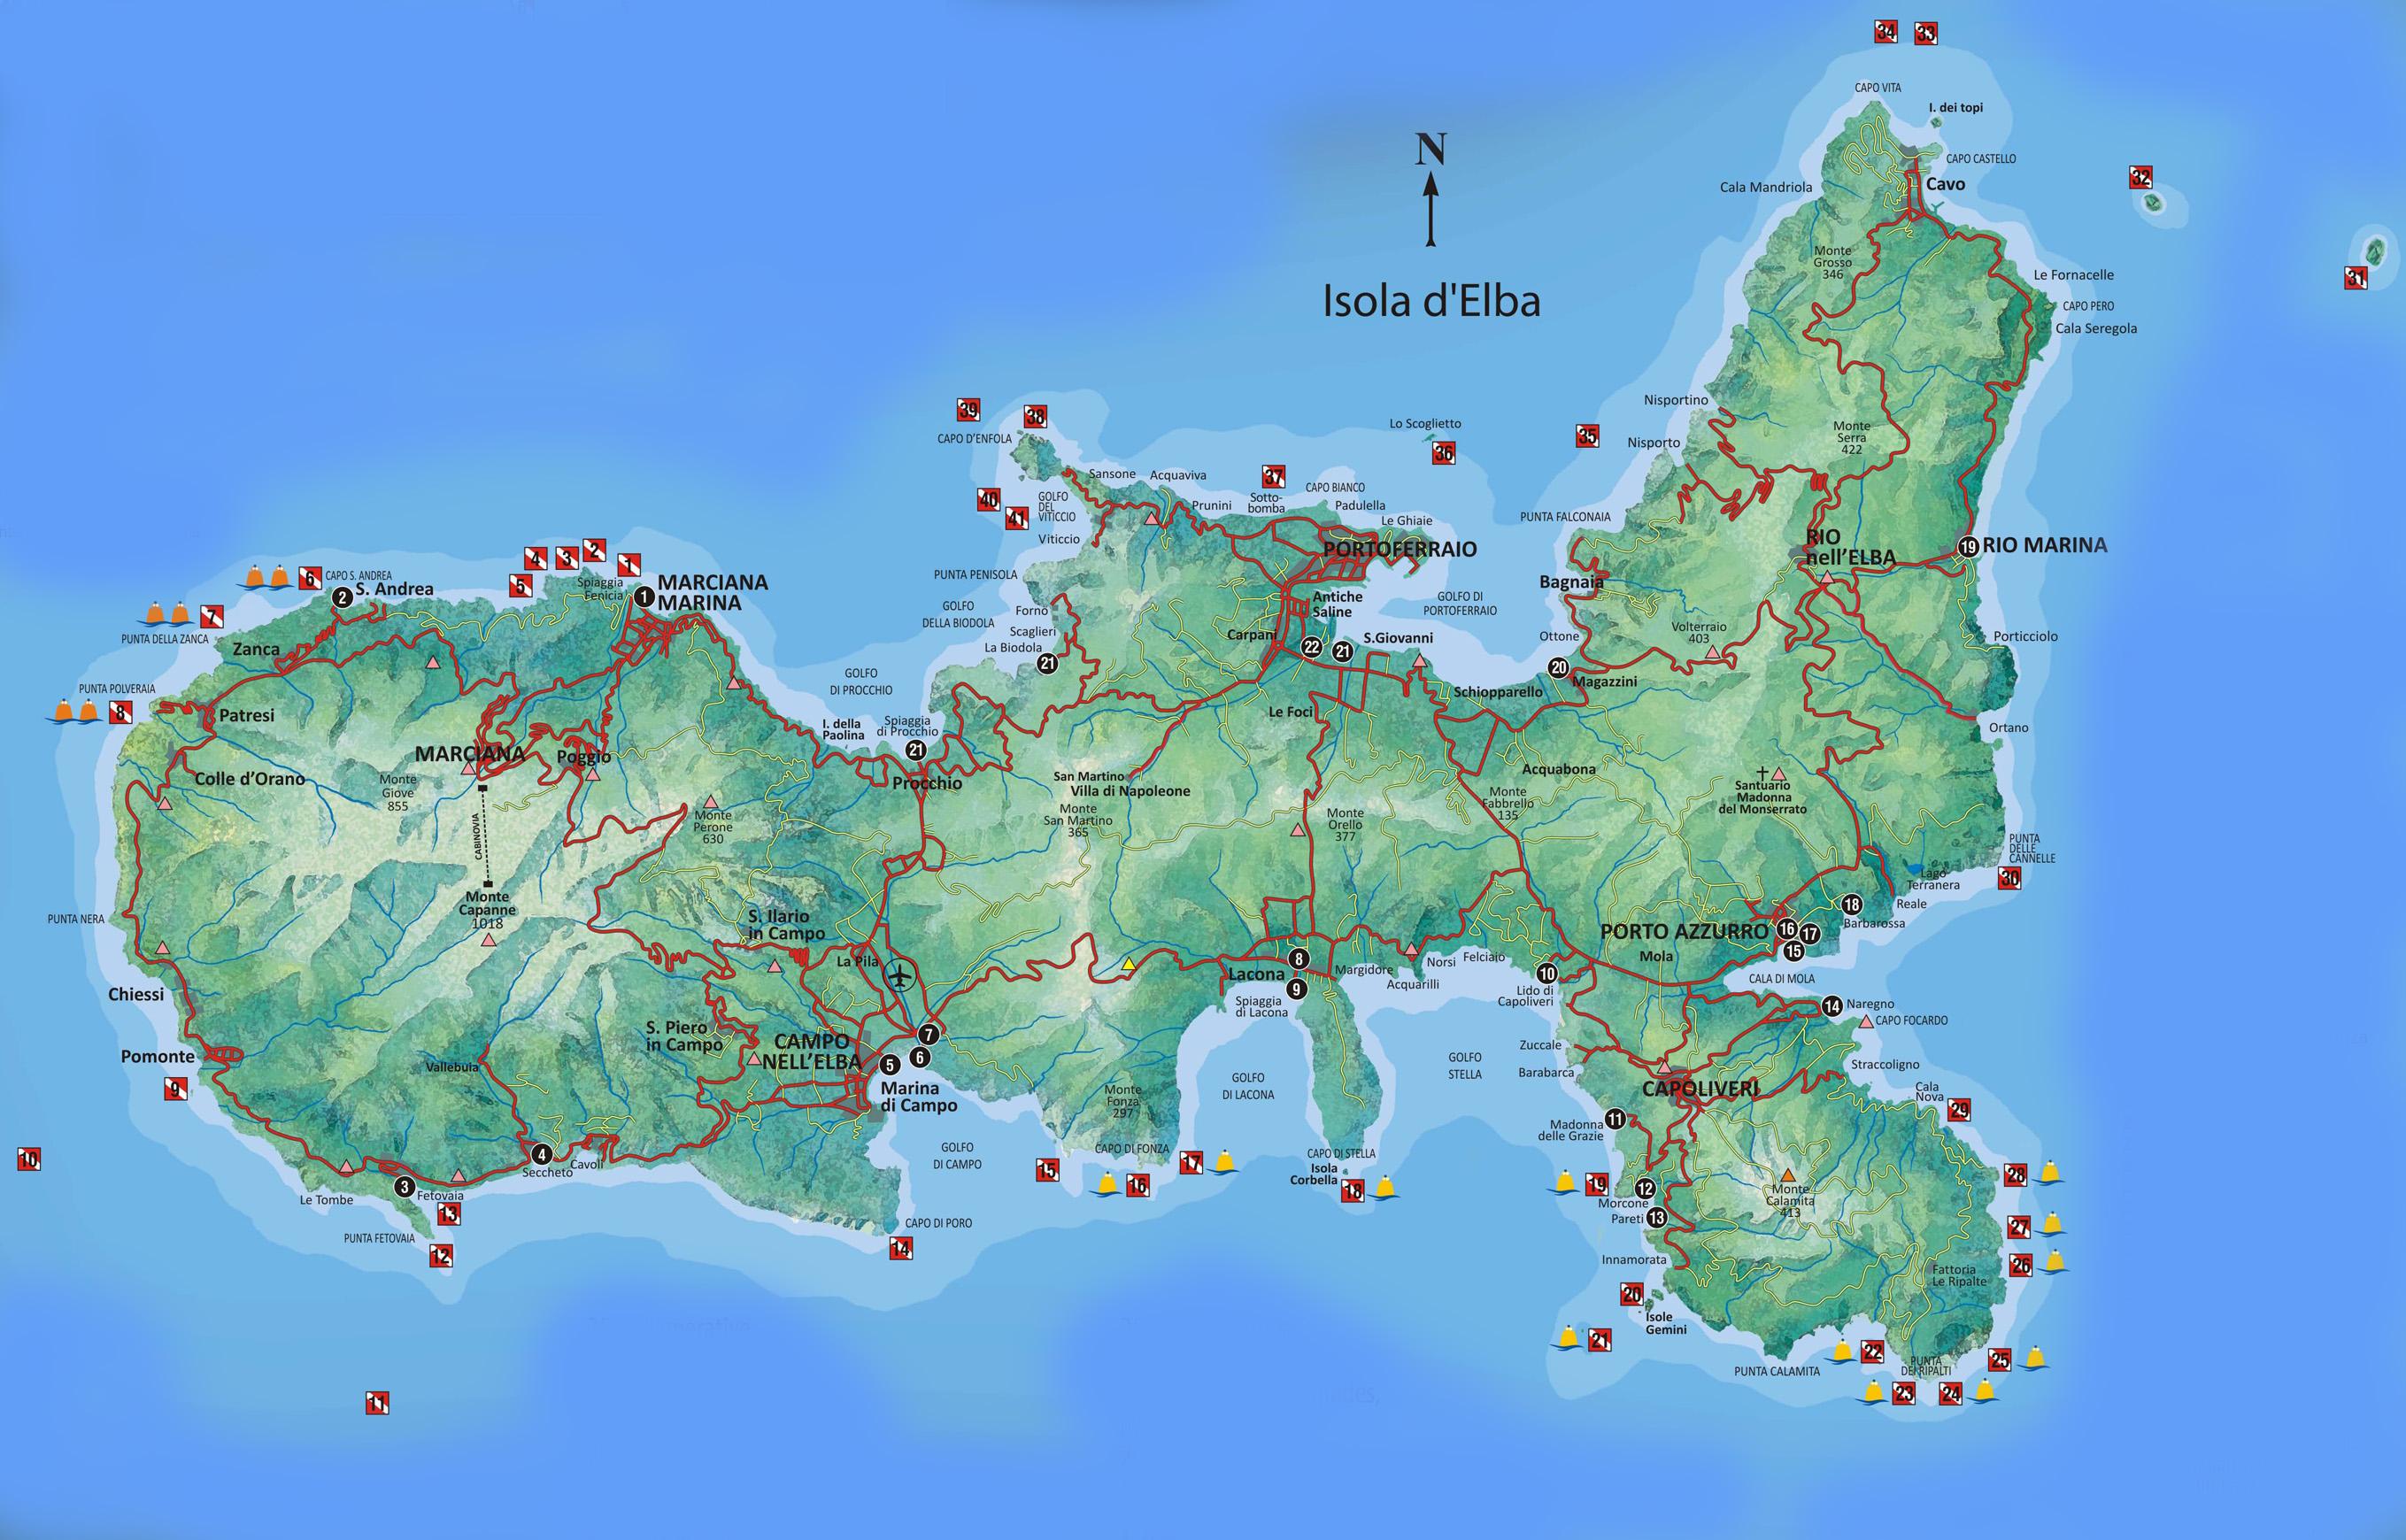 Cartina Elba Isola.Immersioni Elba Elba Ced Consorzio Elbano Diving